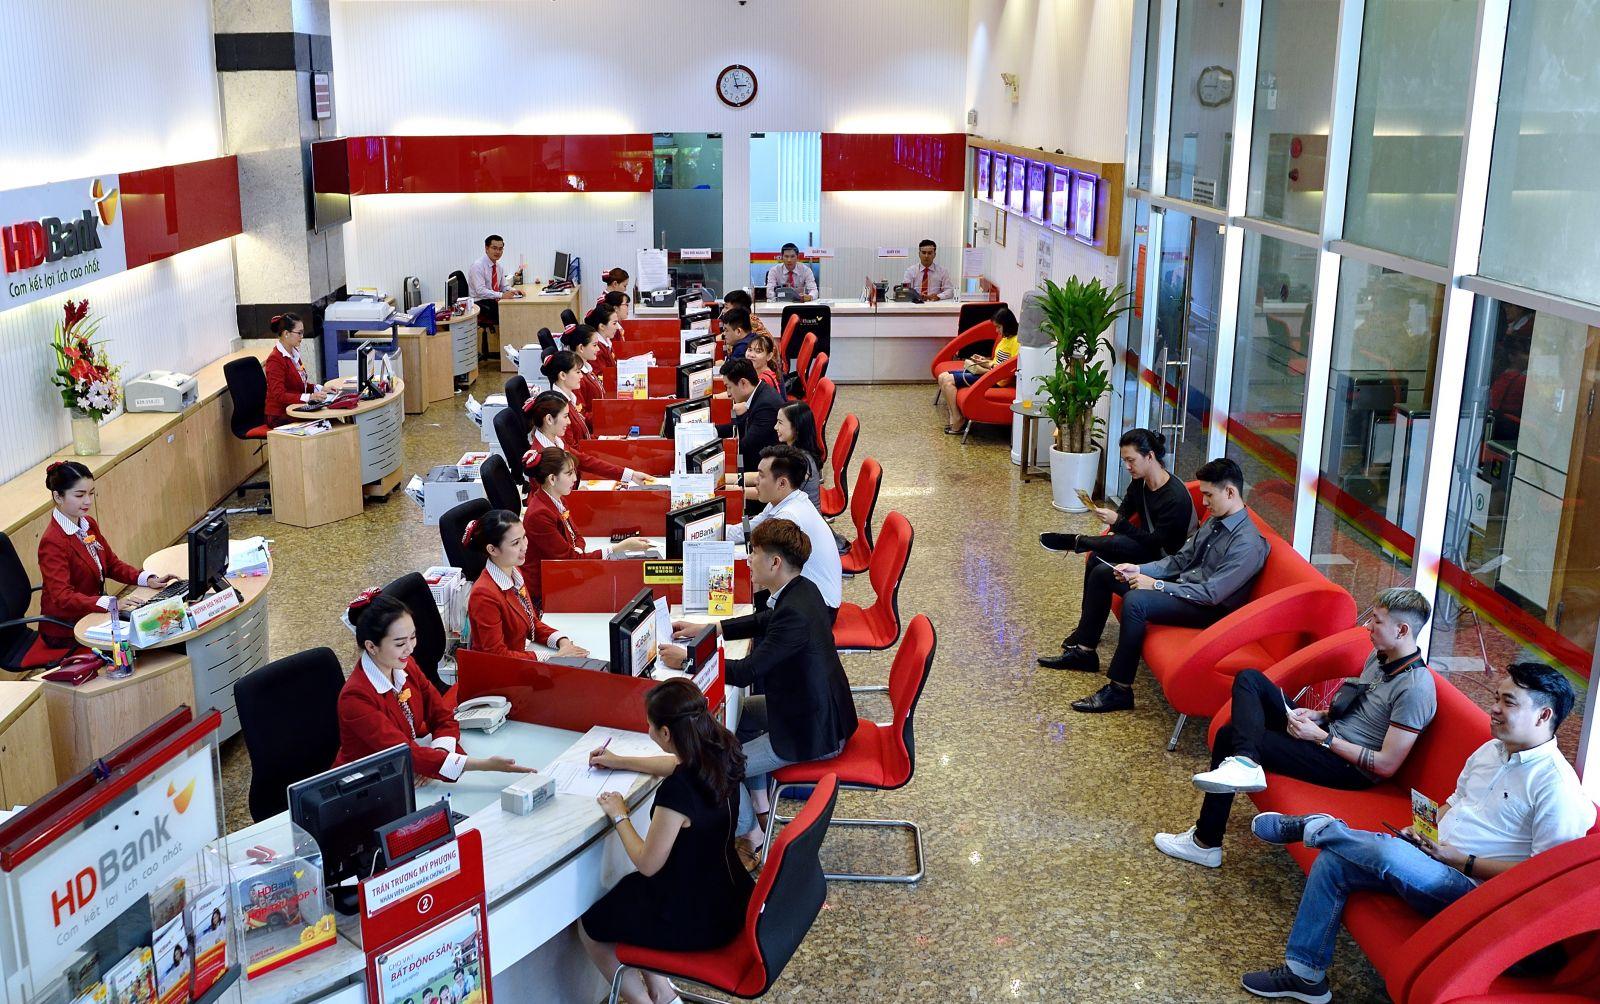 HDBank muốn tăng vốn điều lệ thêm 400 tỷ đồng nhờ phát hành cổ phiếu